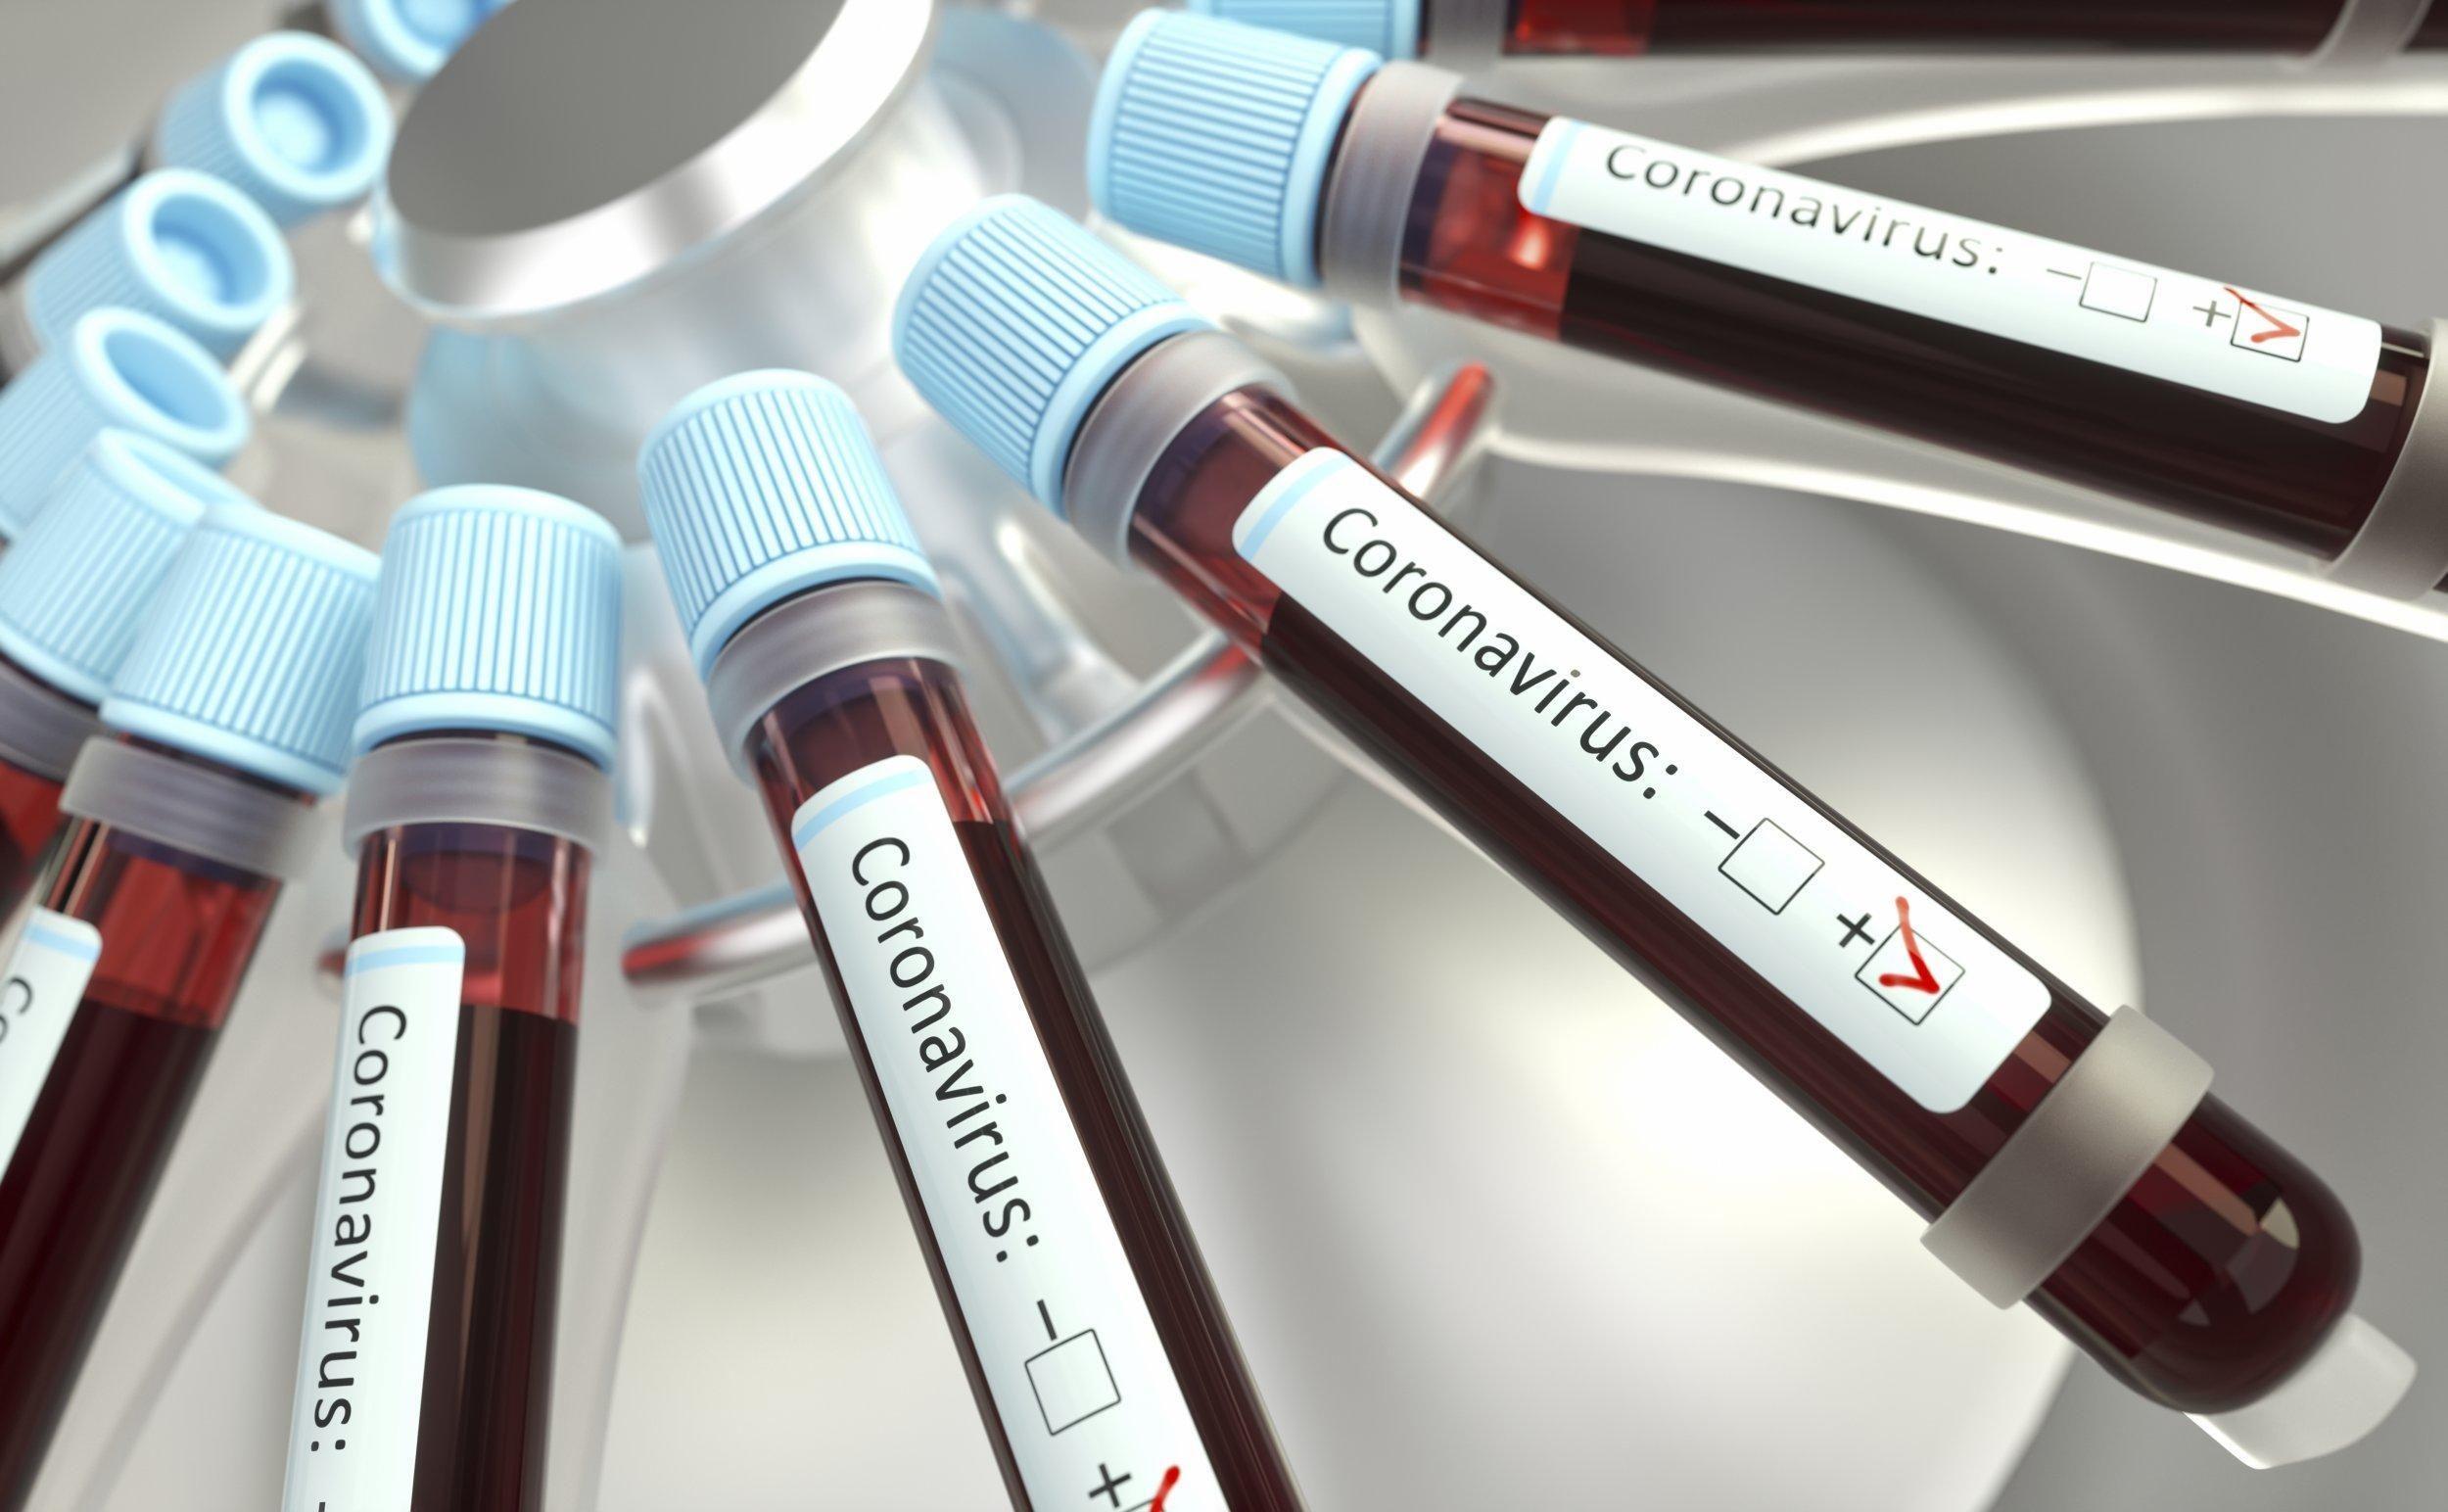 Коронавирус в Украине: поможет ли массовое тестирование остановить распространение - Новости здоровья - Здоровье 24